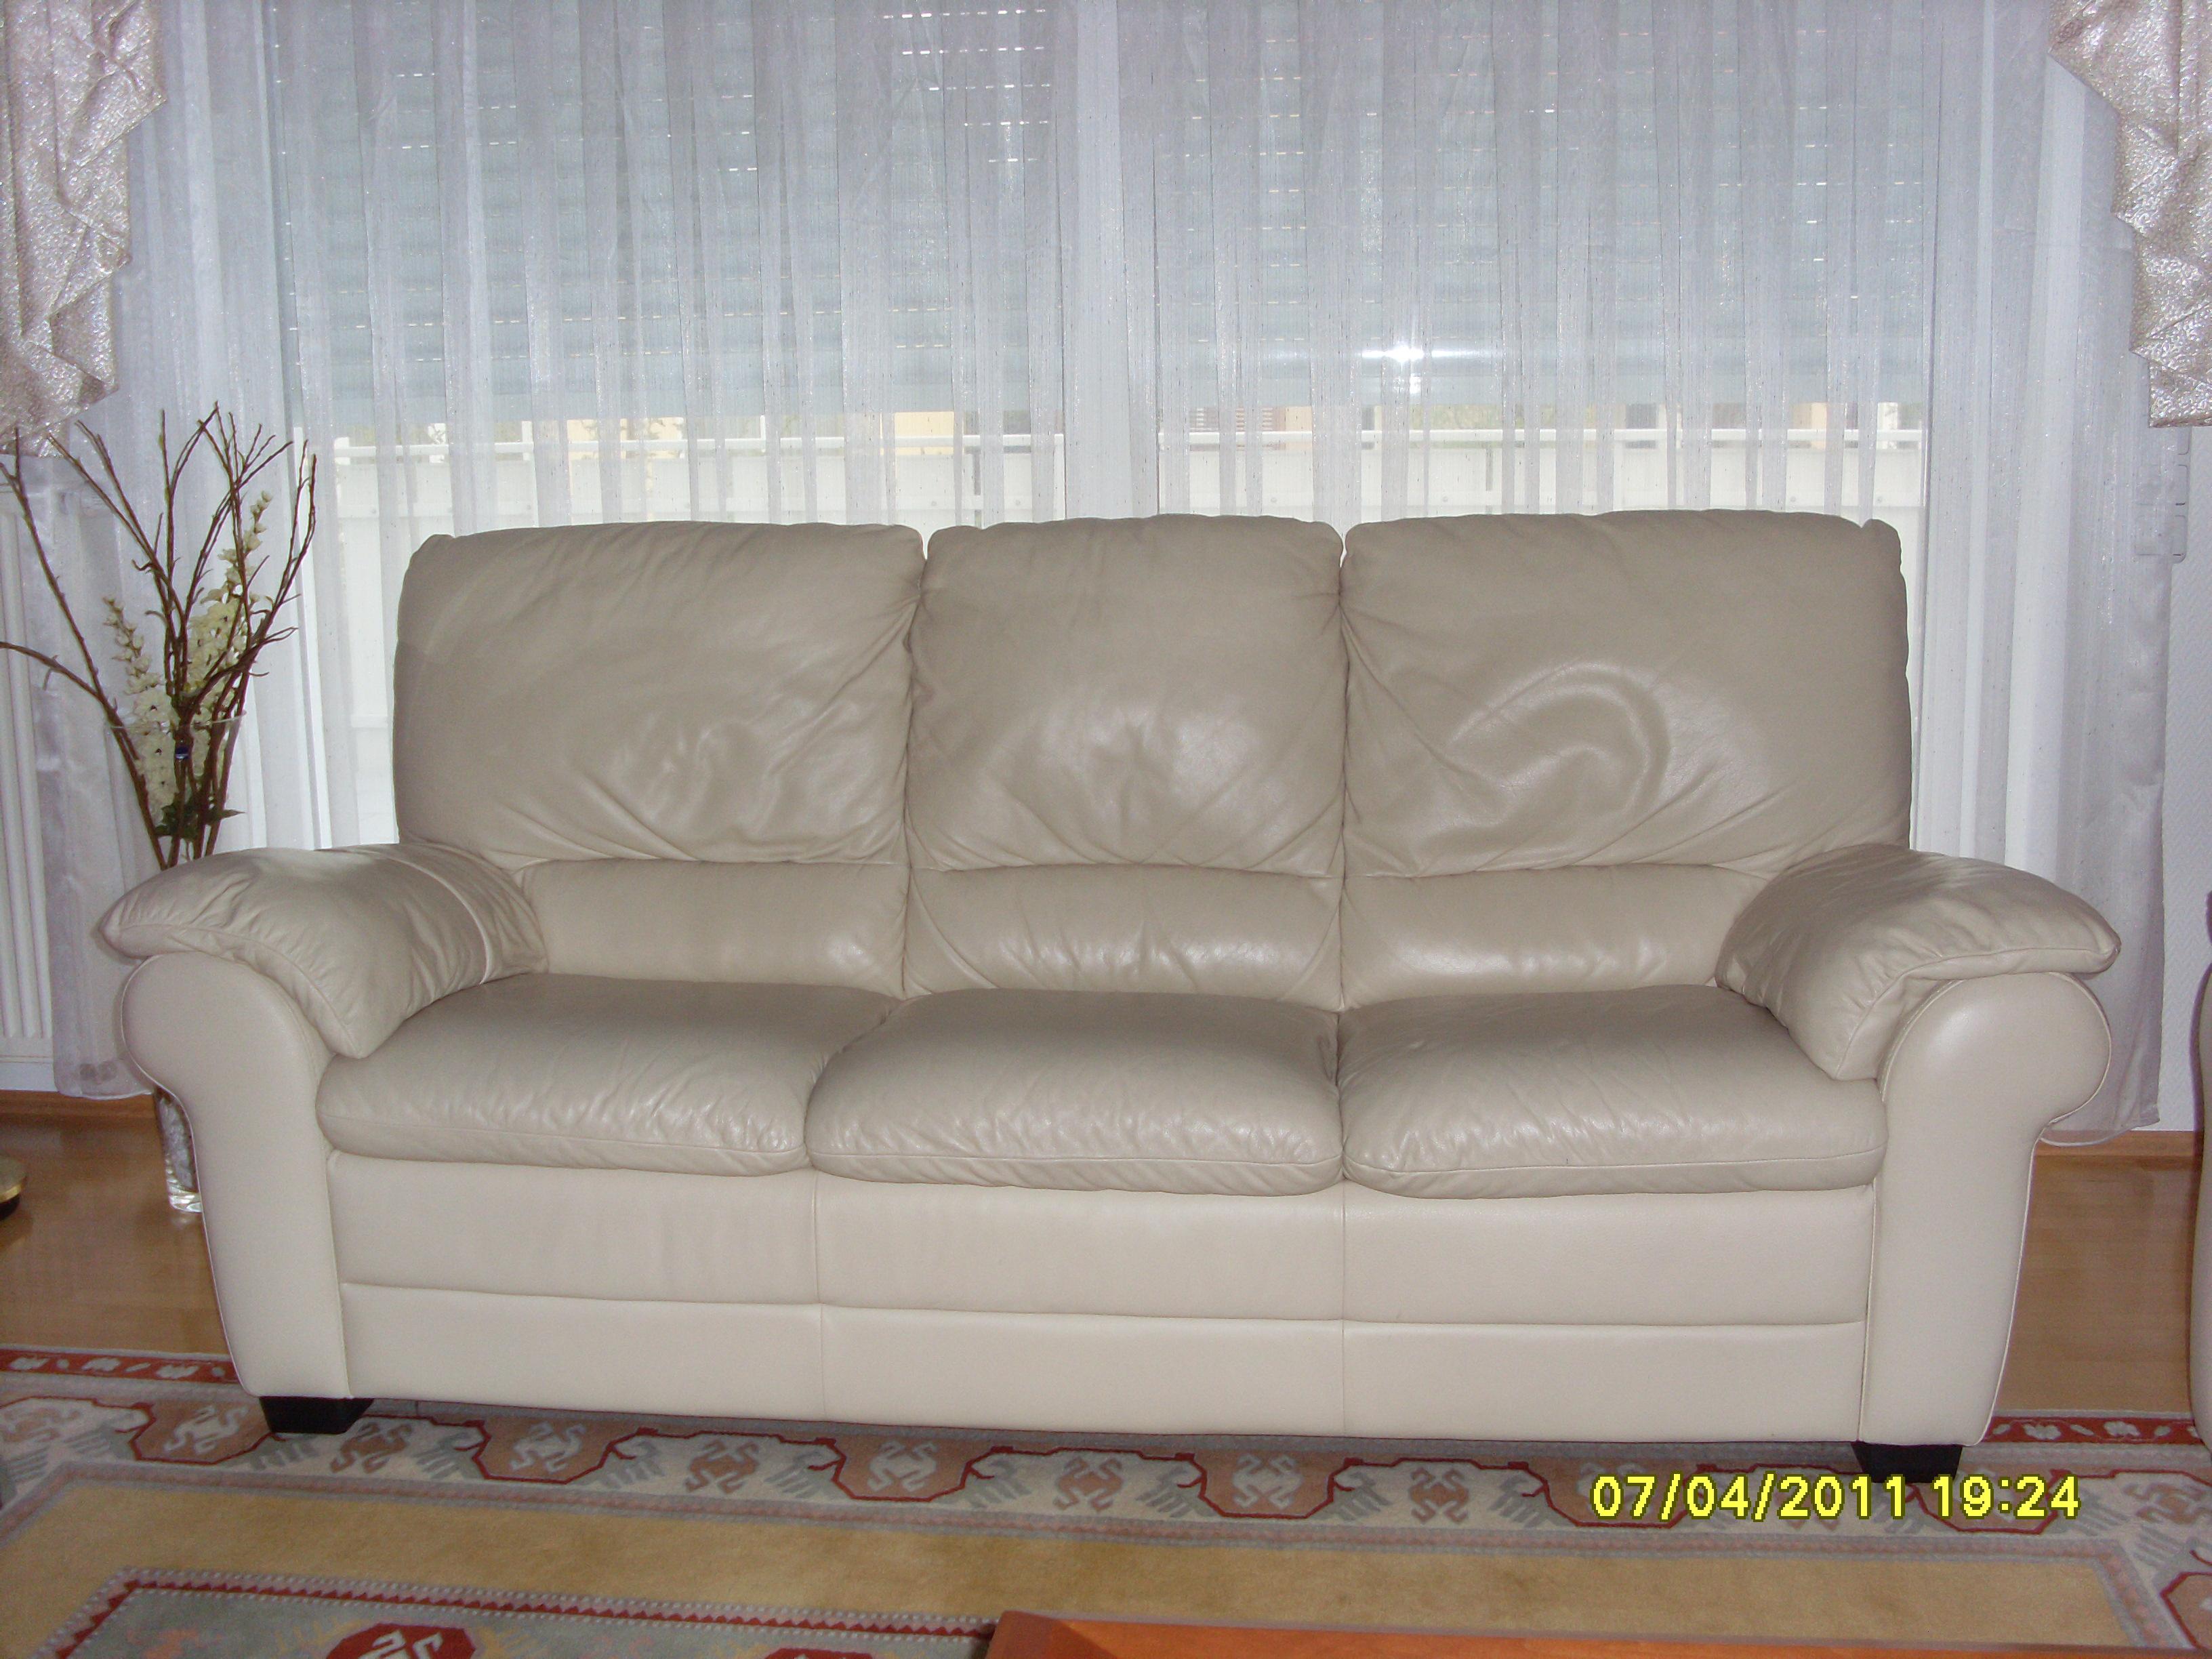 kleinanzeigen polster sessel couch seite